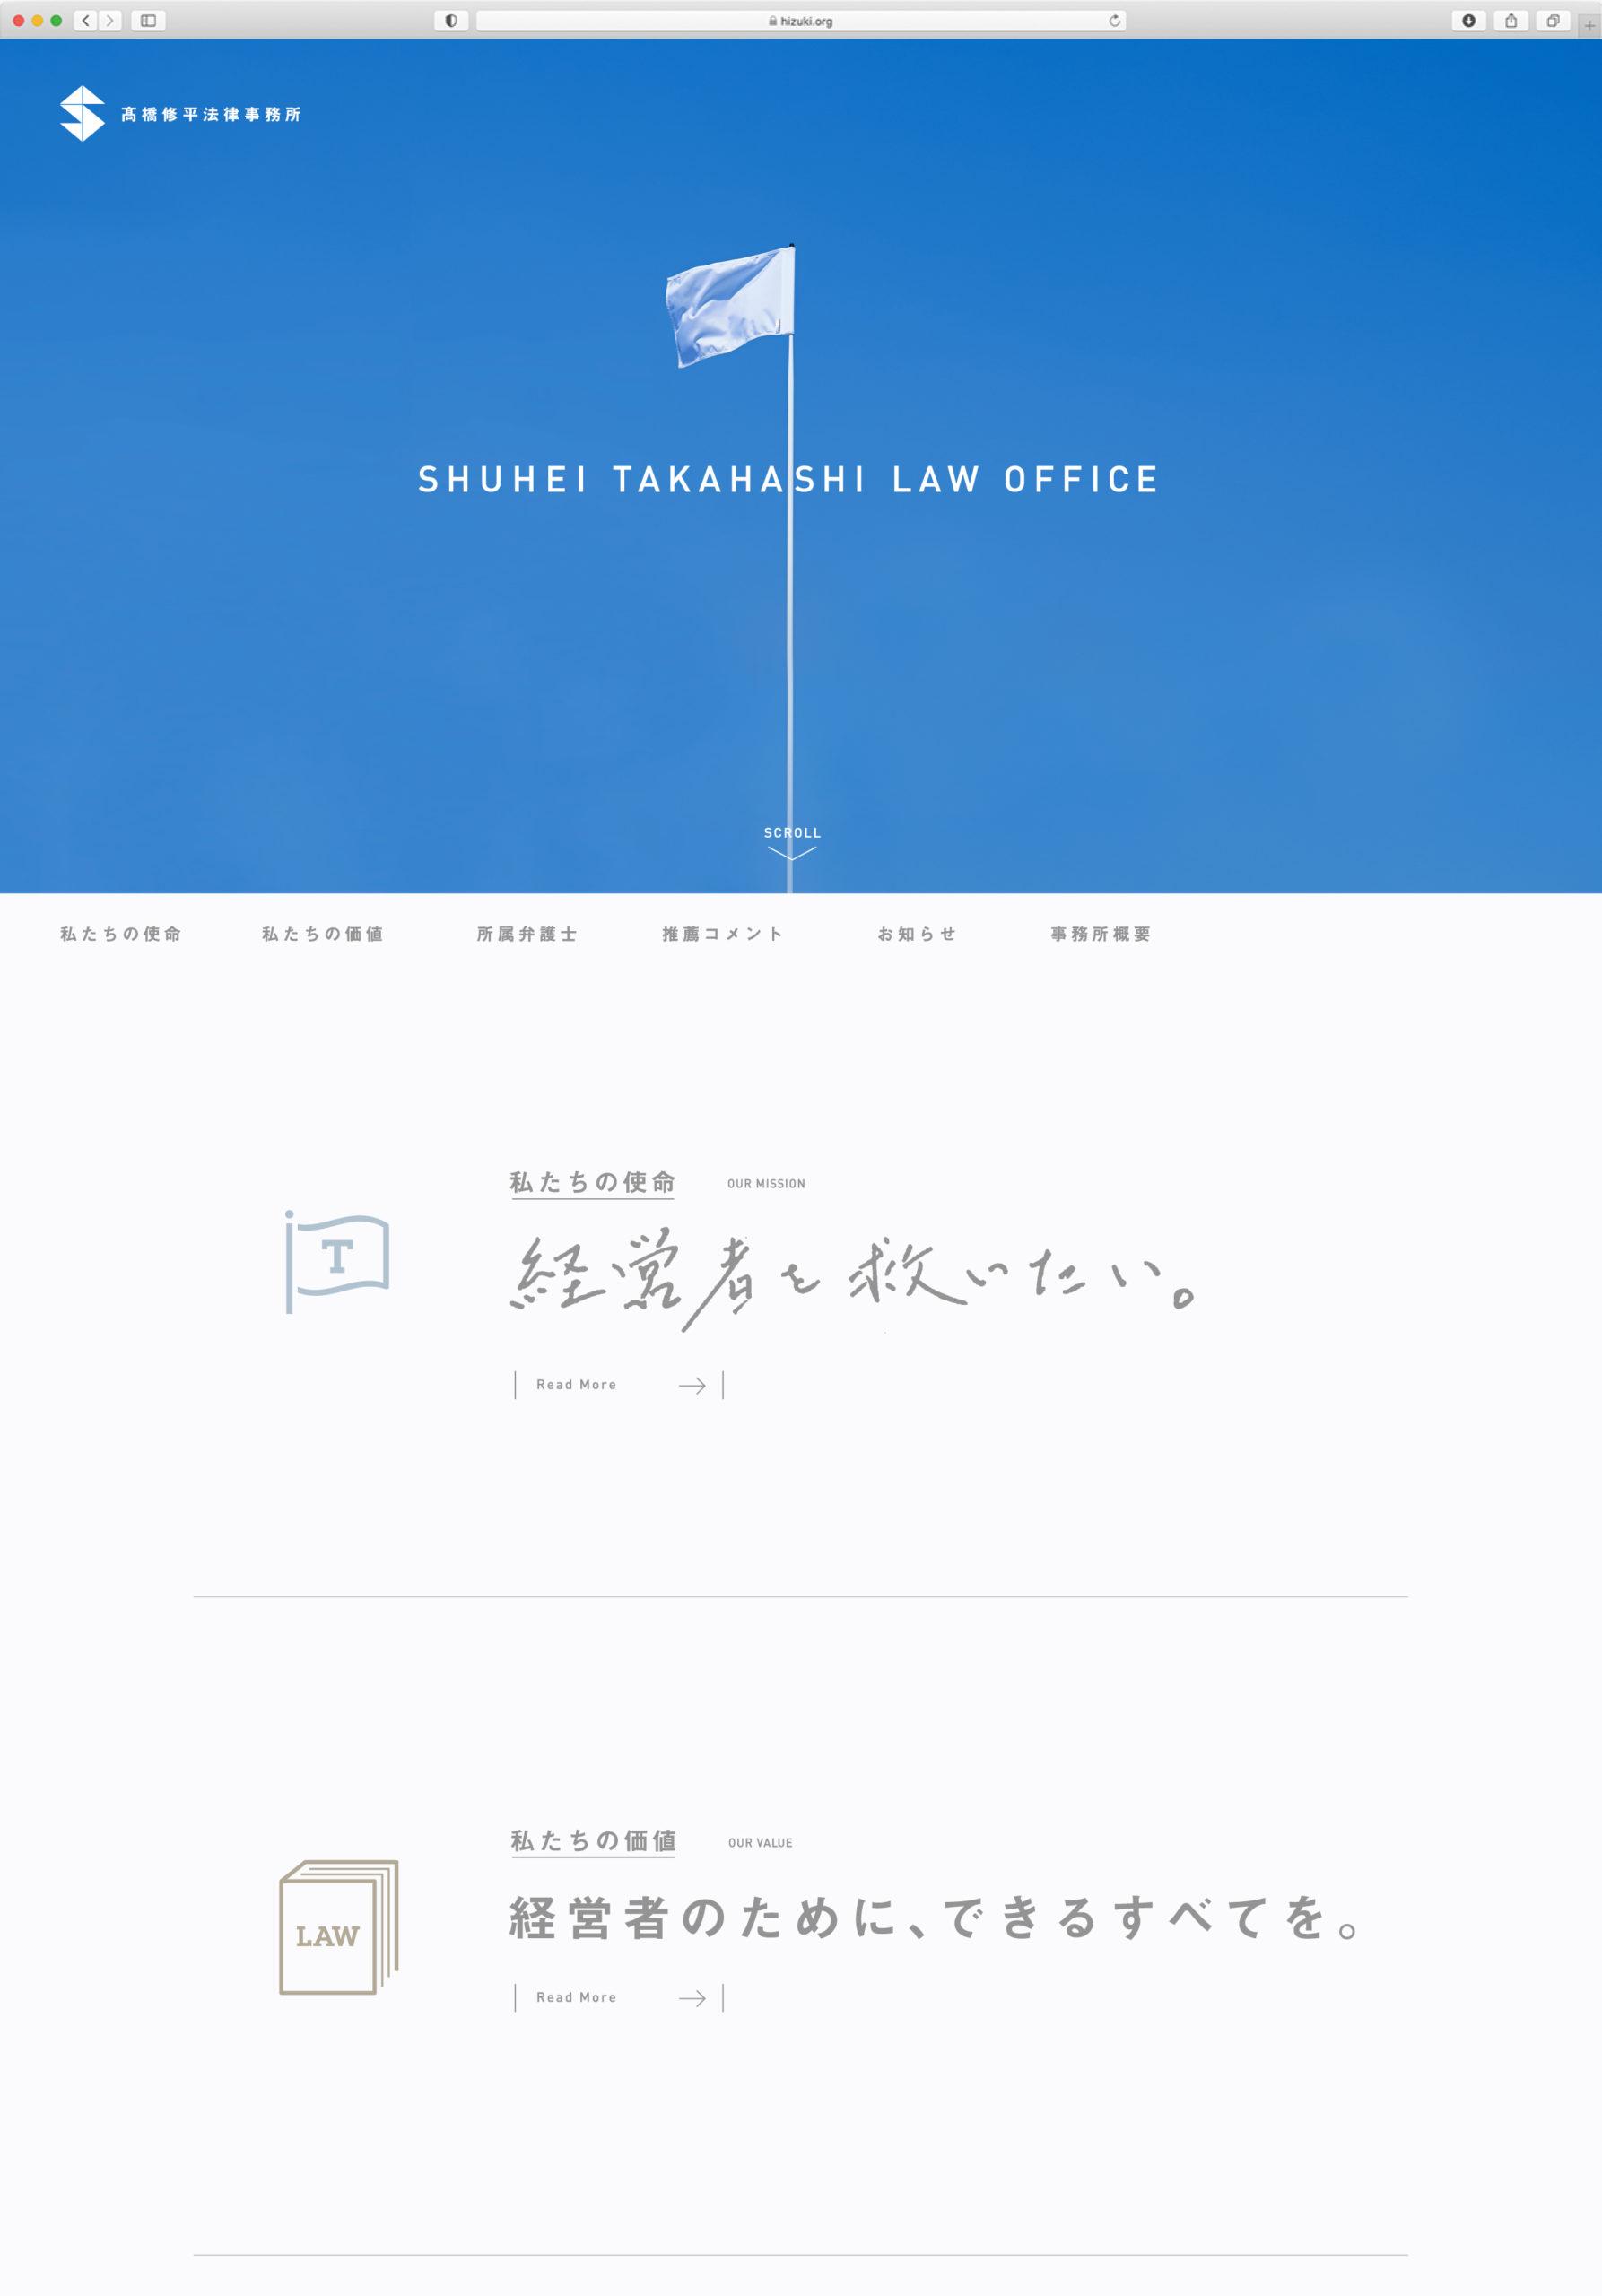 SHUHEI TAKAHASHI LAW OFFICE